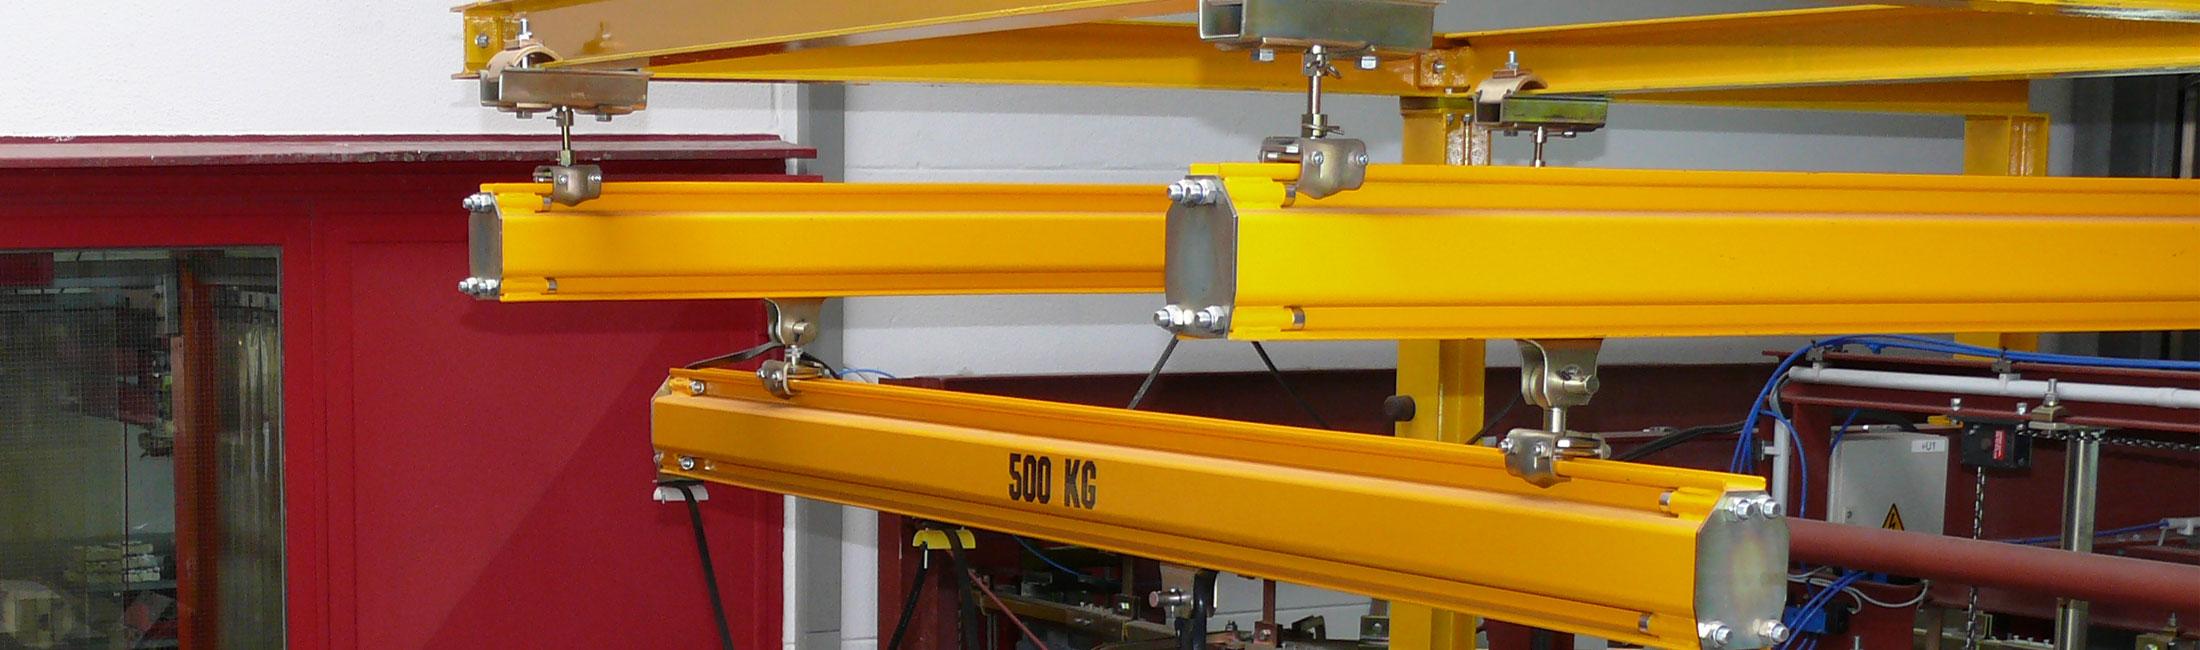 teollisuus-metalliteollisuus-teollisuuden-profiilinosturit-satateras-2